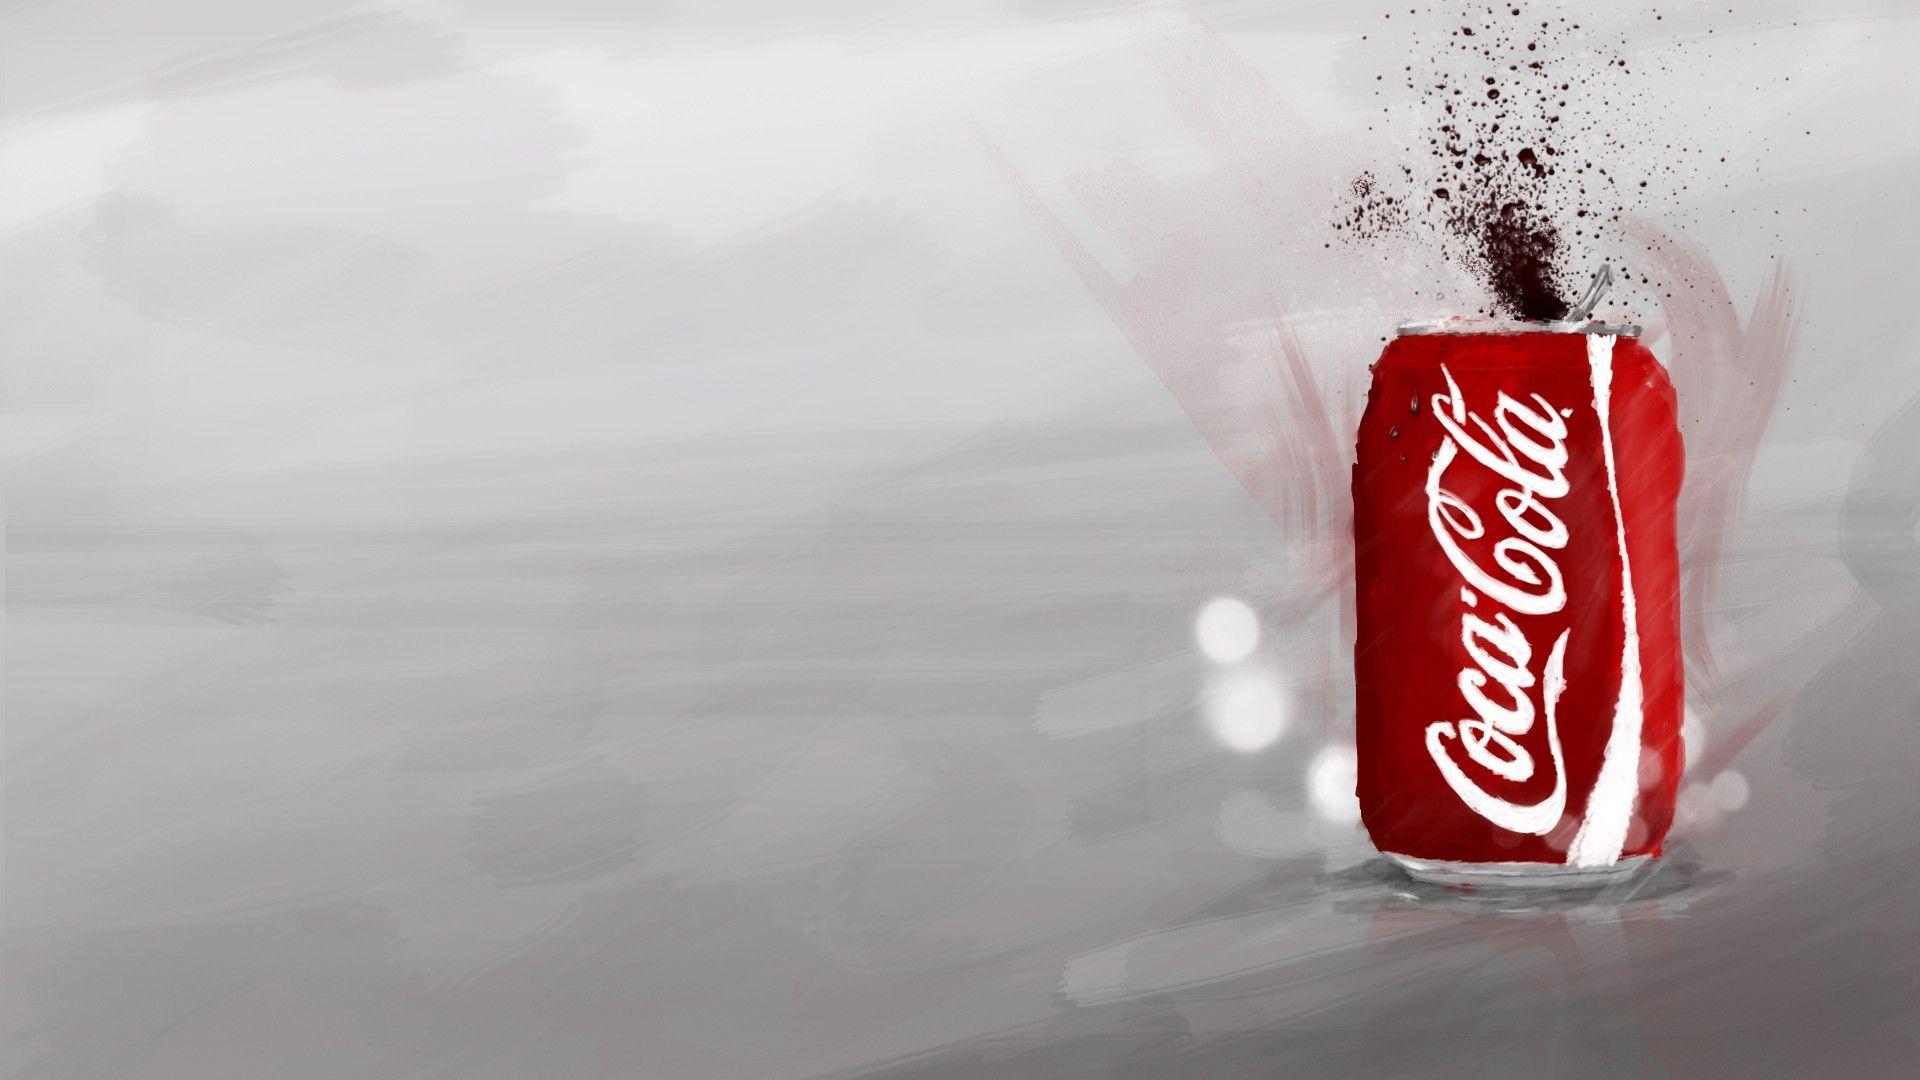 Coca Cola background wallpaper